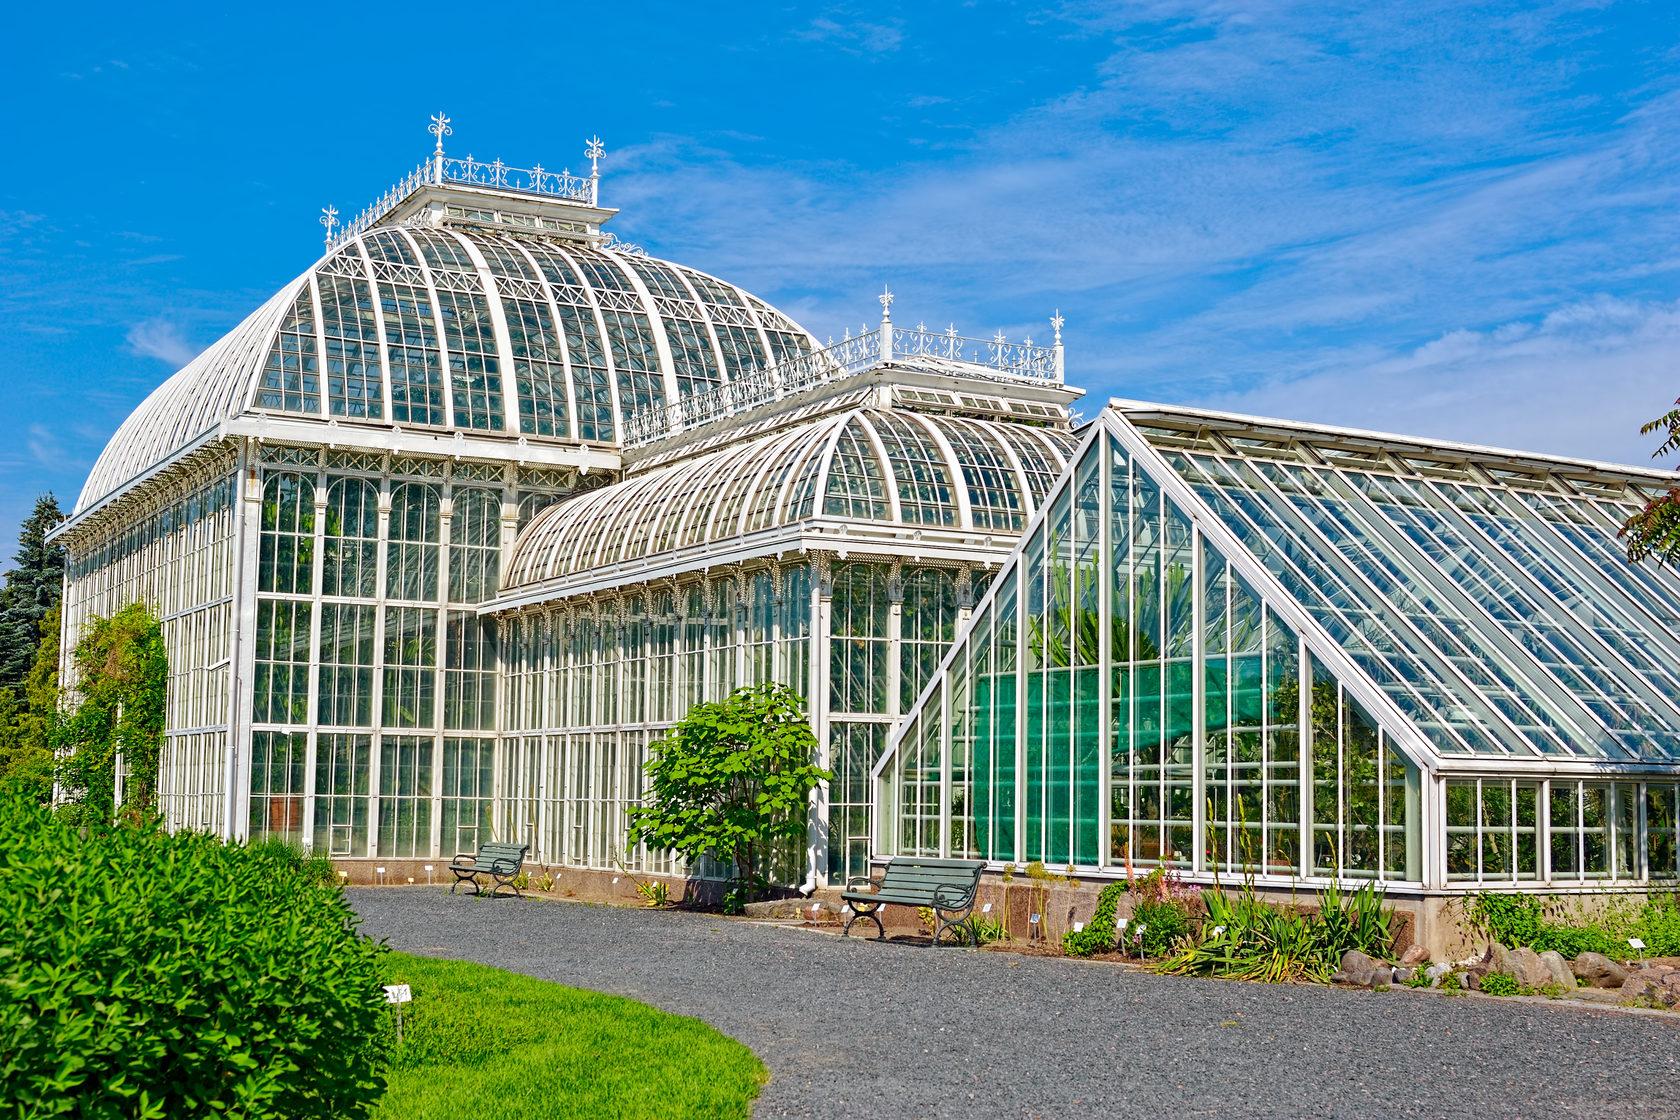 Ботанический сад в Хельсинки, режим работы, описание, цены на билеты